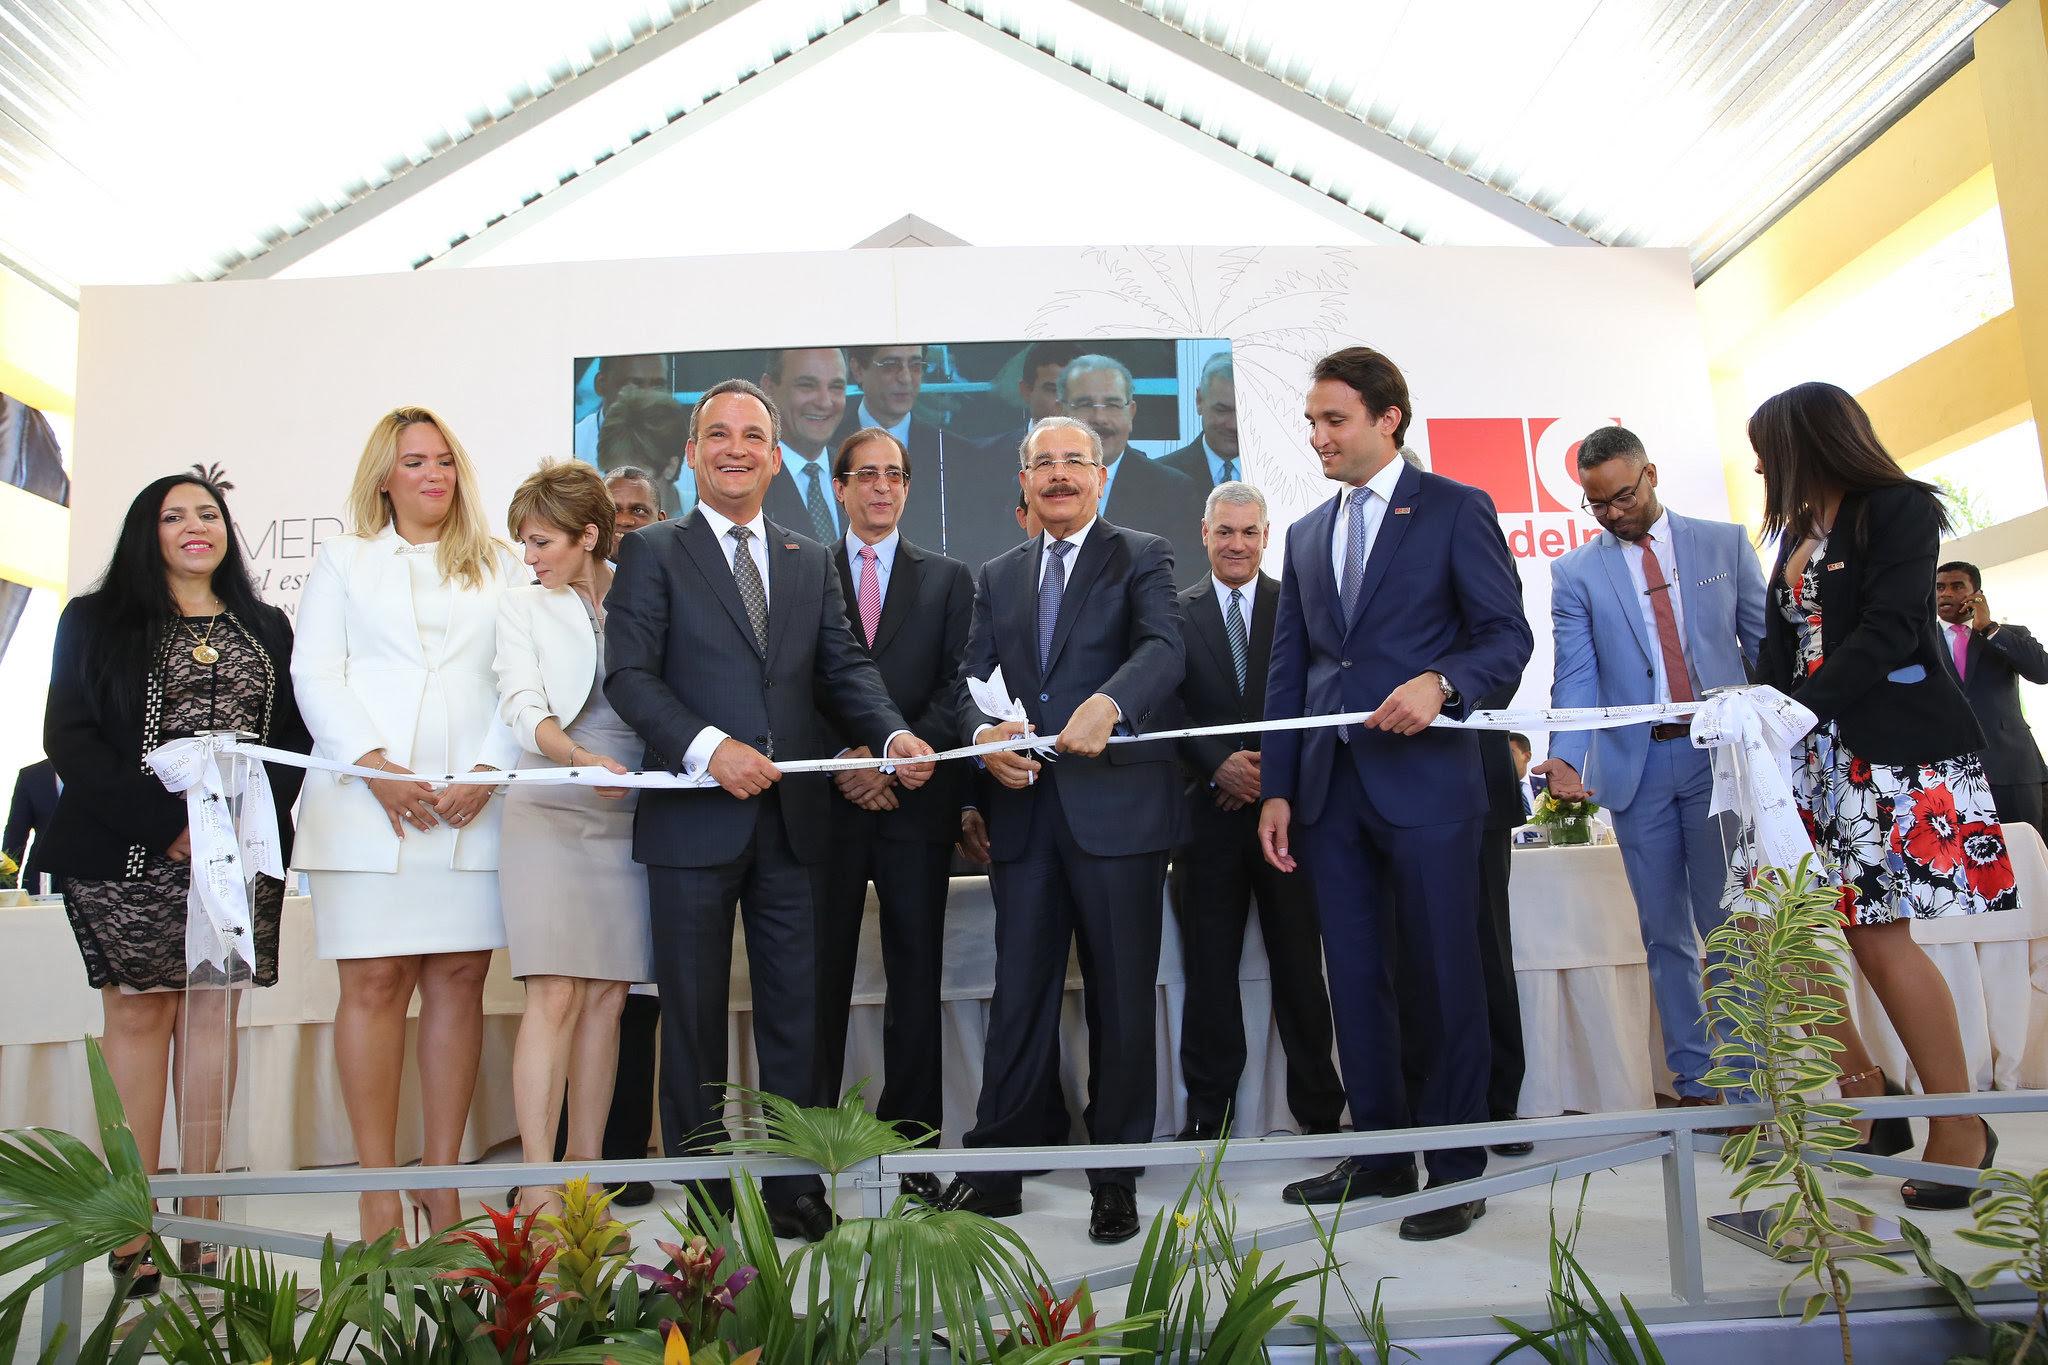 , 848 apartamentos listos para entrega en Ciudad Juan Bosch. Danilo Medina asiste a acto